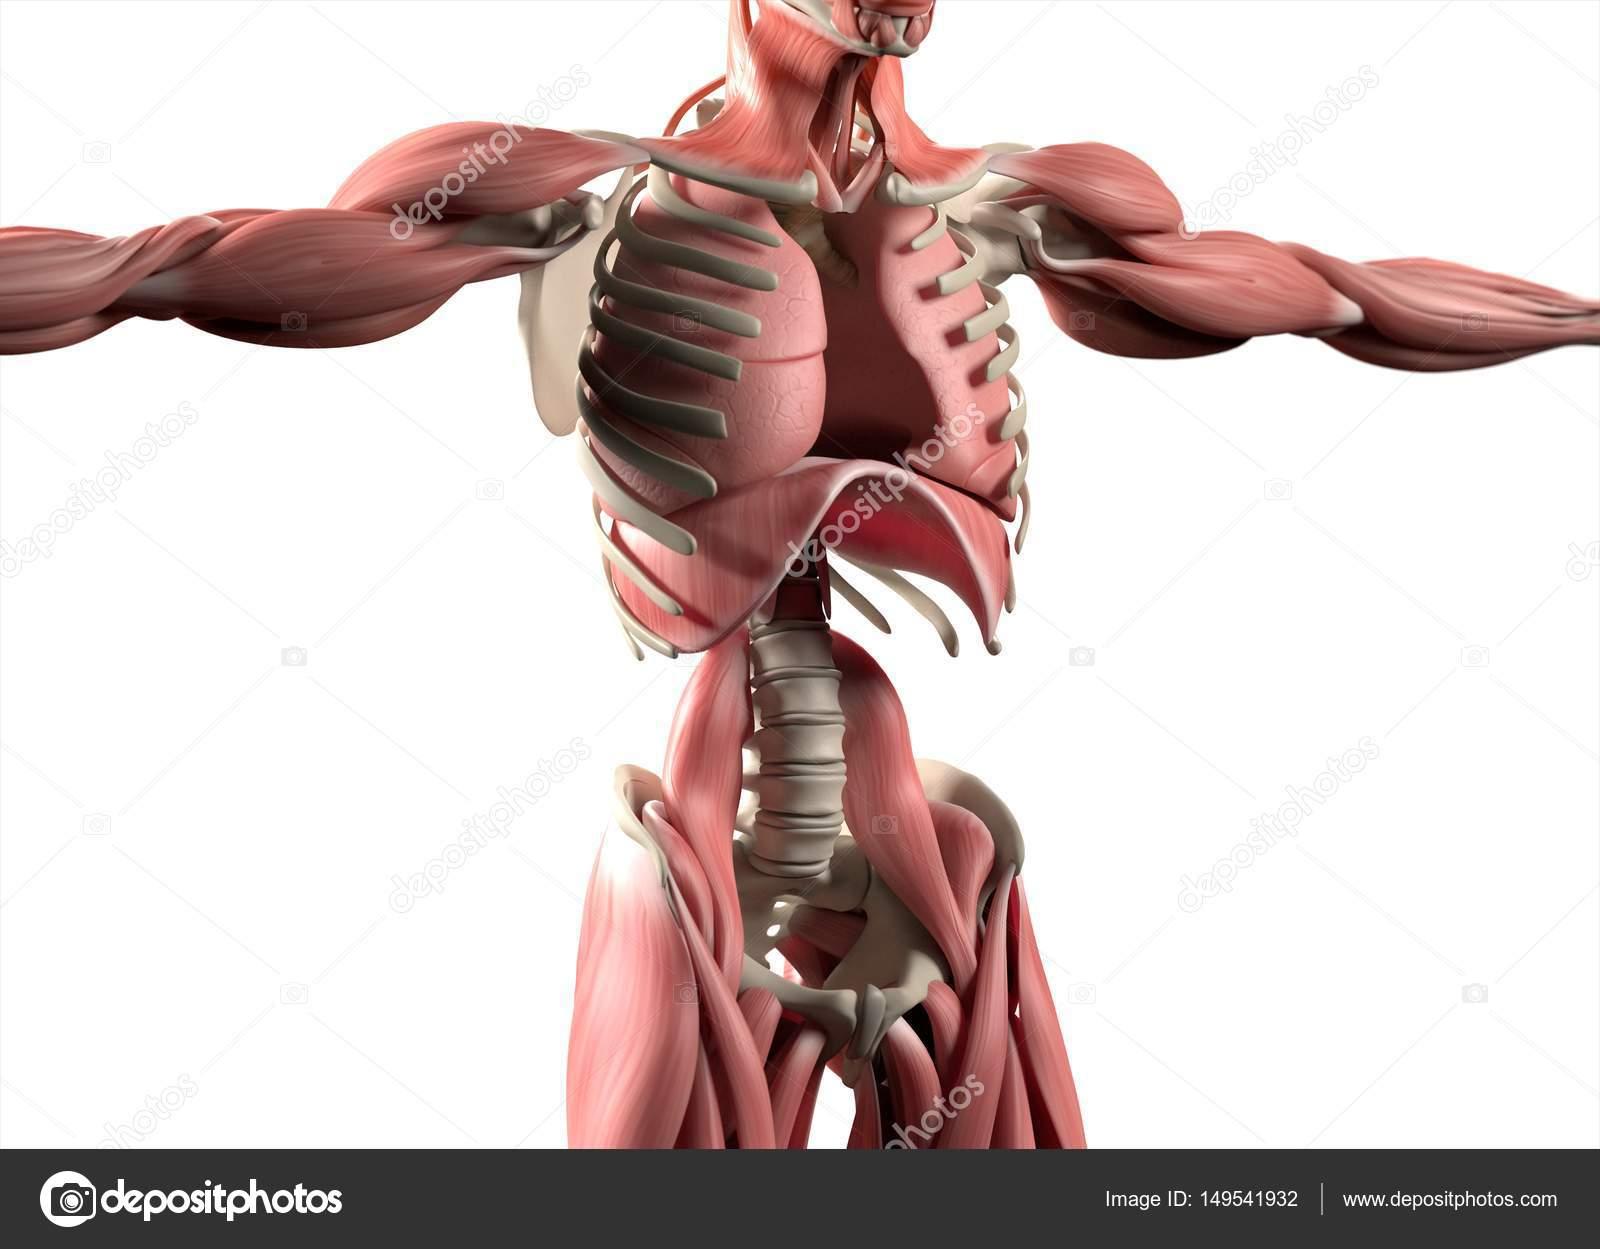 Ziemlich 3d Anatomie Modell Bilder - Anatomie Von Menschlichen ...